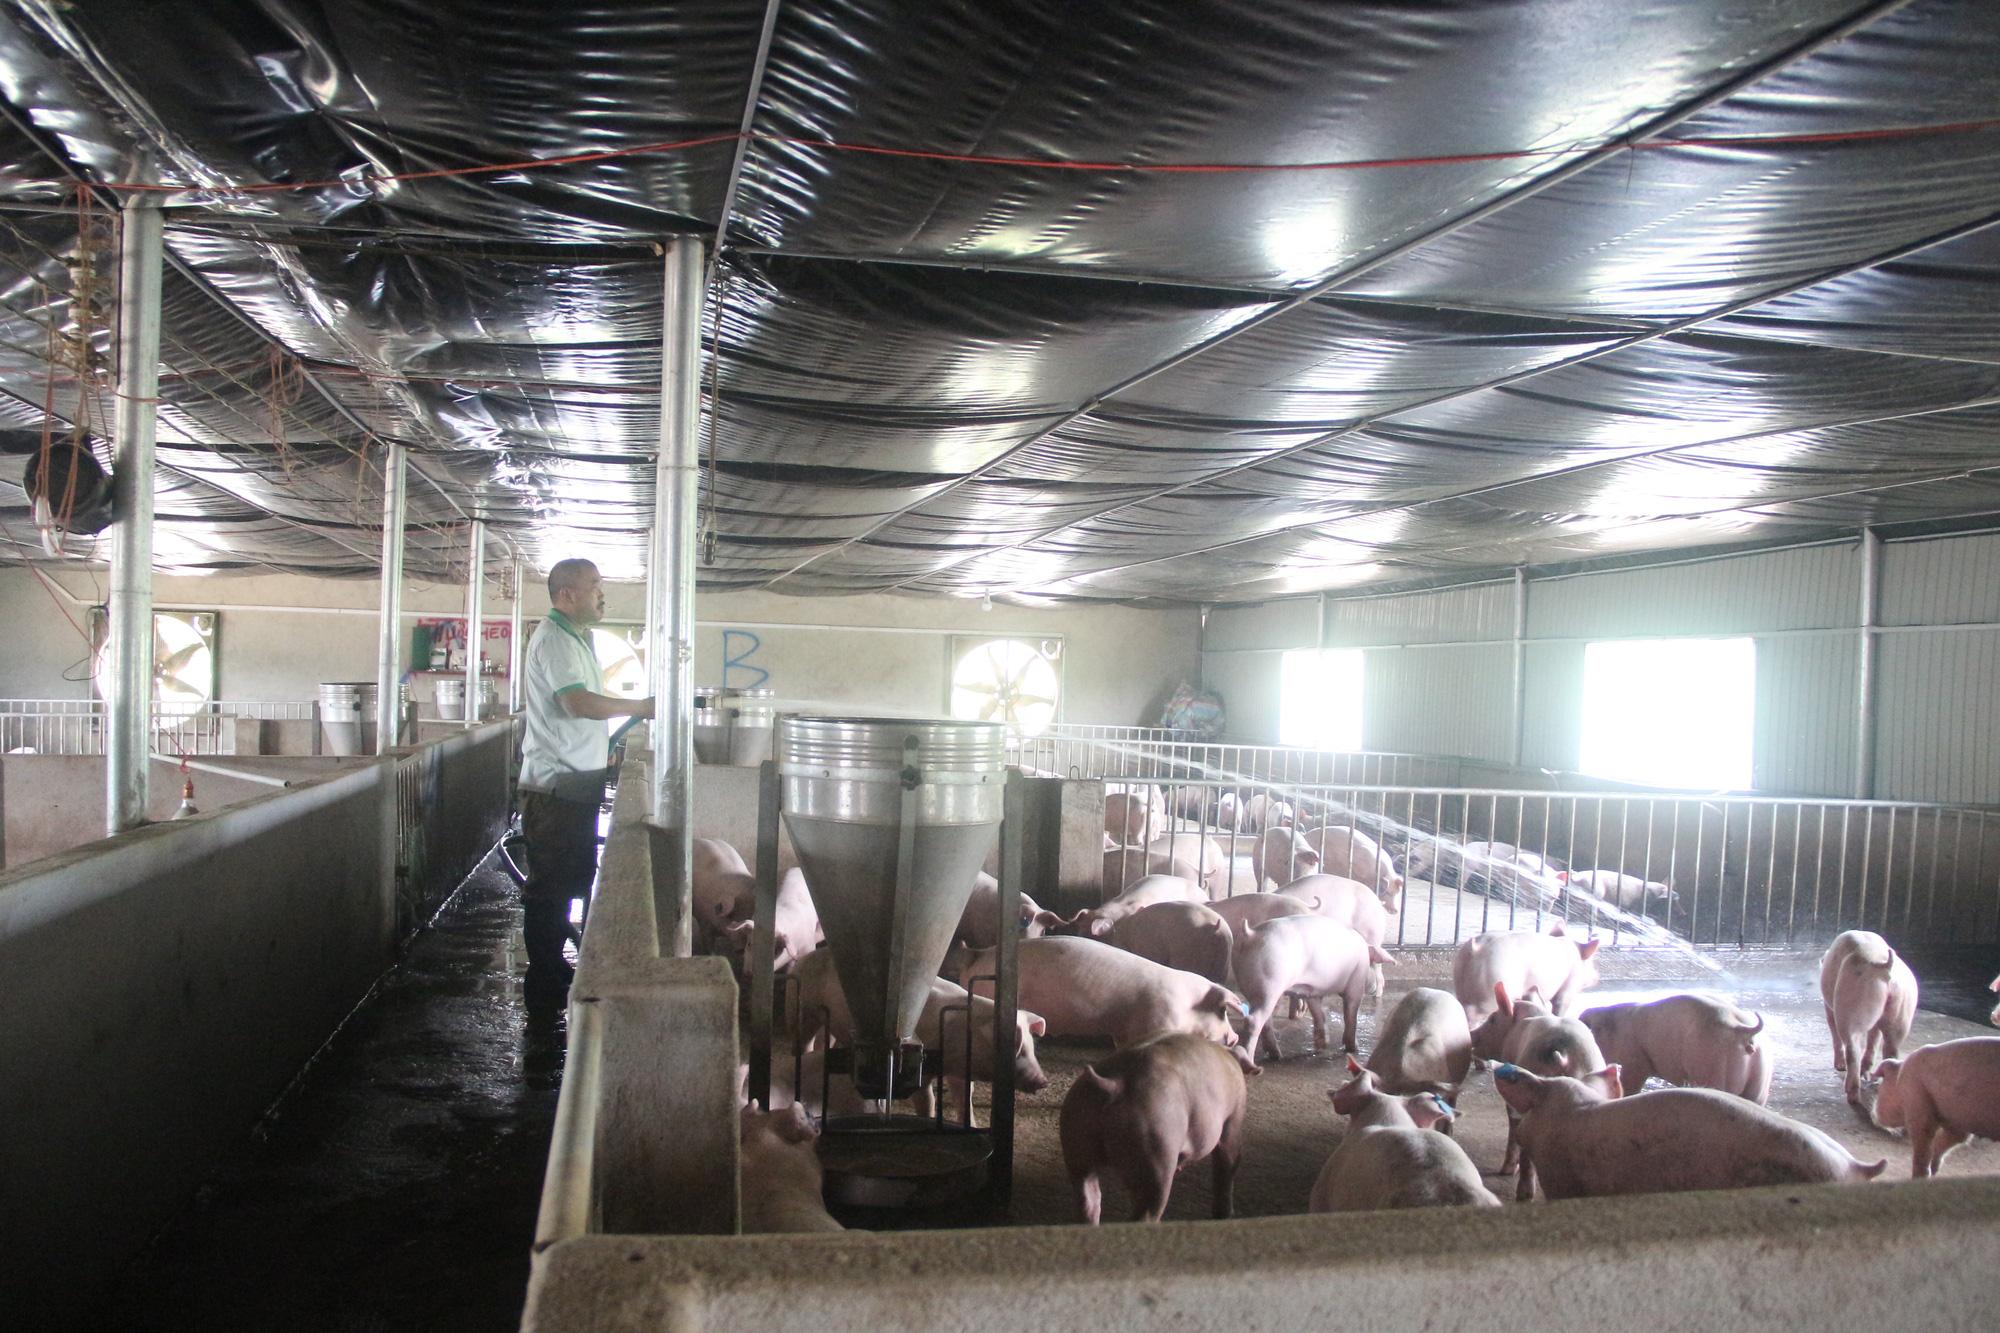 Toàn bộ hệ thống chuồng nuôi lợn của anh Thành đều được xây dựng theo mô hình của Đan Mạnh. Nhiệt đọ được duy trì ở mức  20-27 độ.